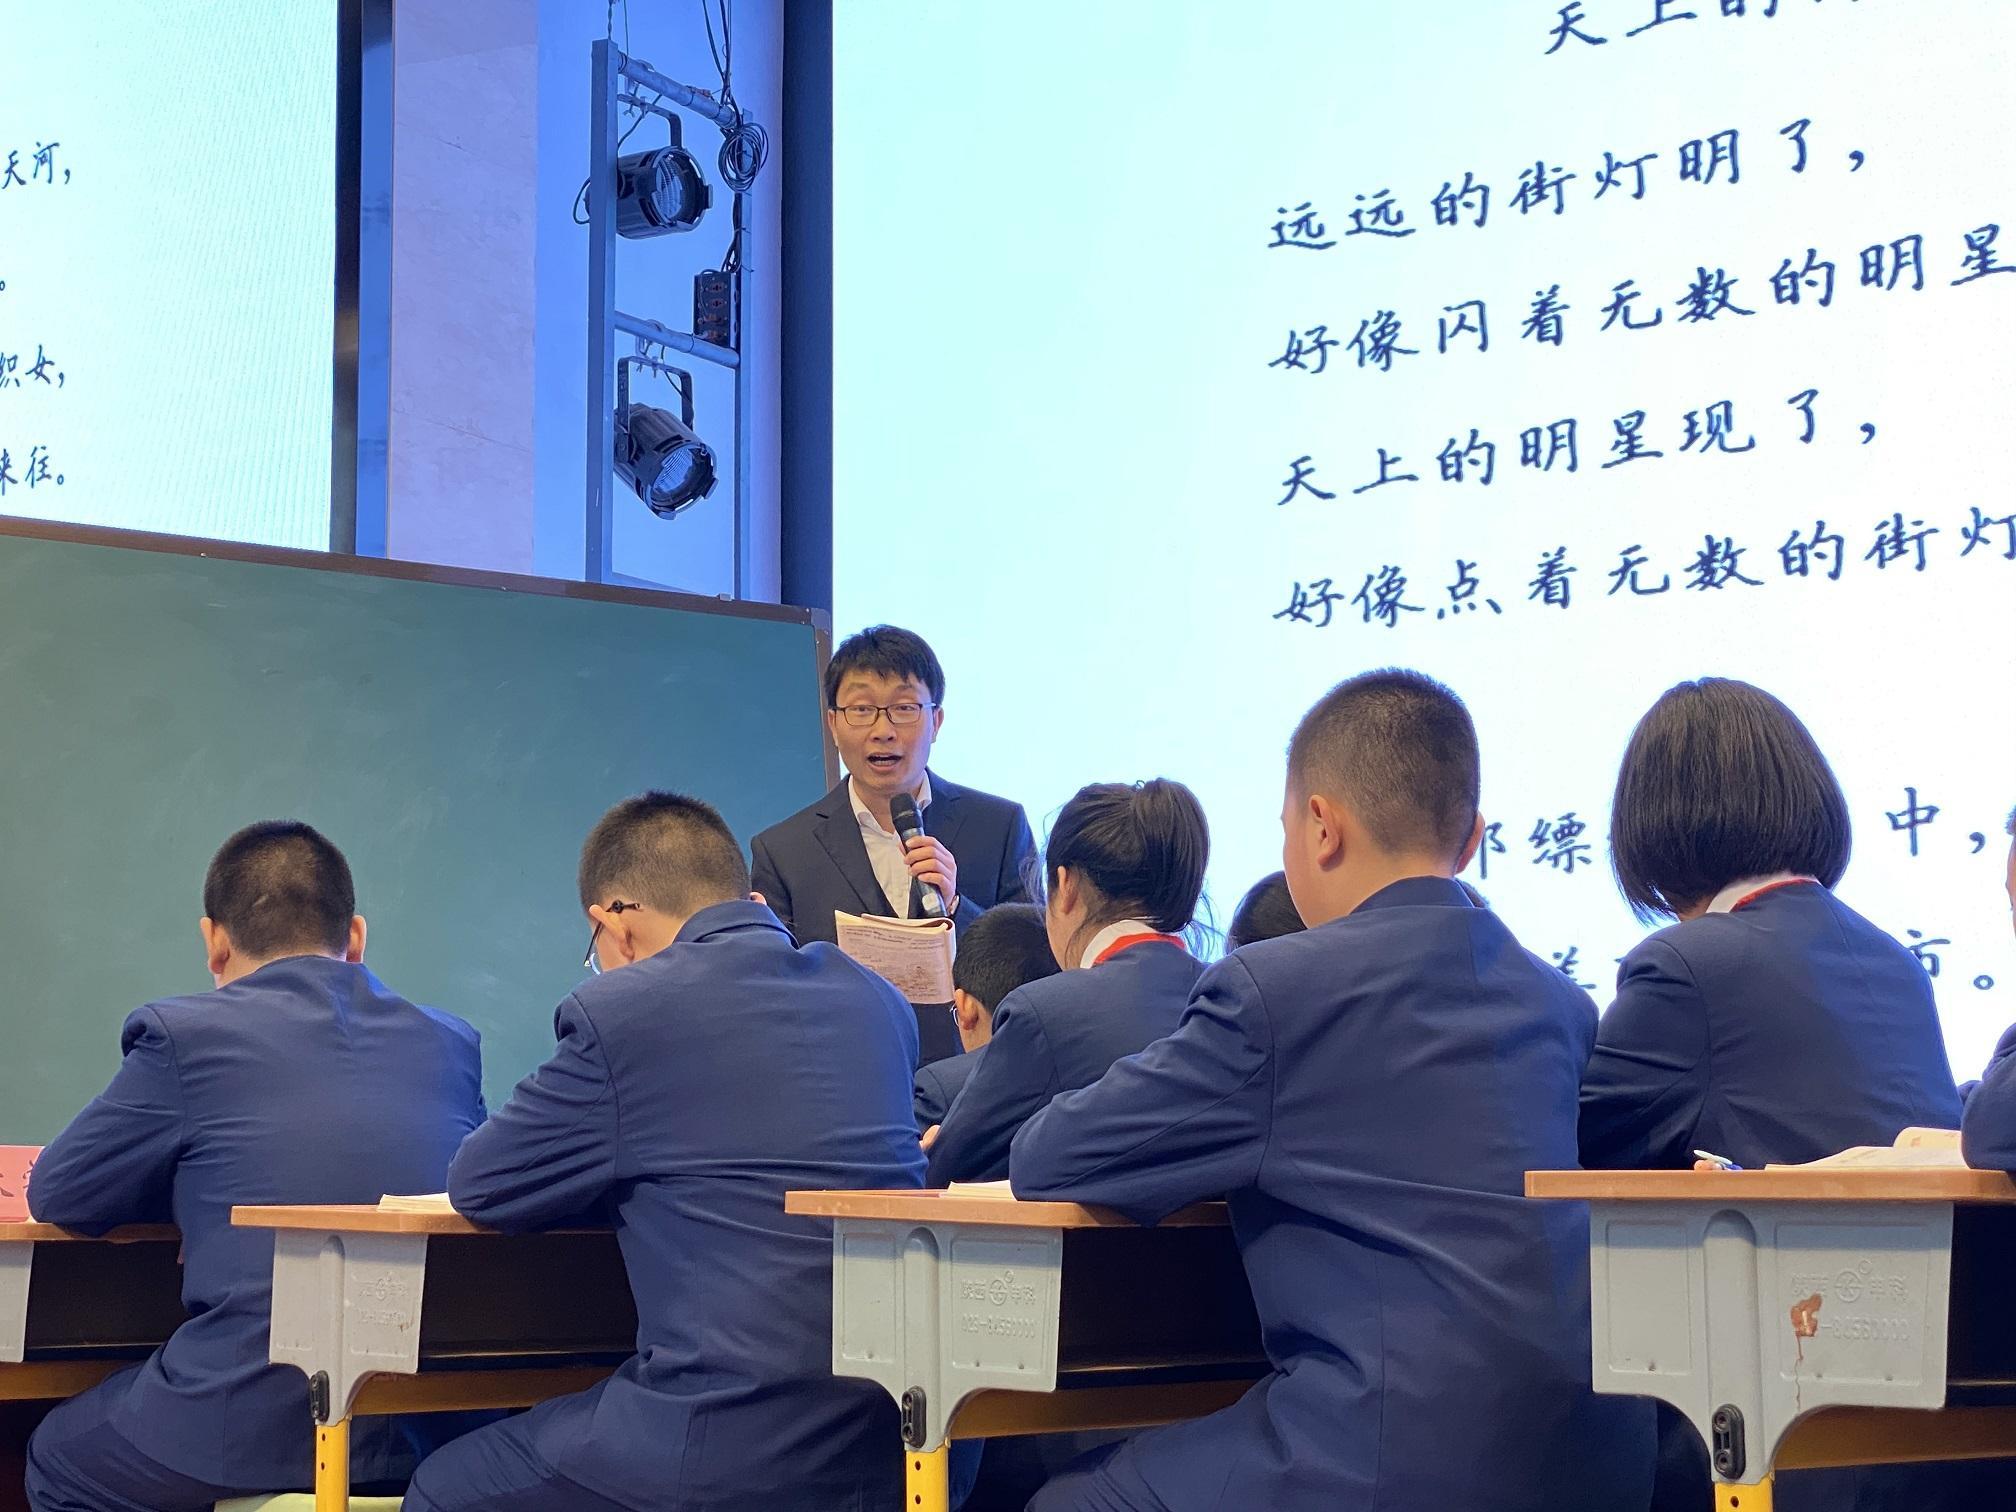 展示品质好课堂、专家解答一线老师困惑,老师赞这样的语文培训给力